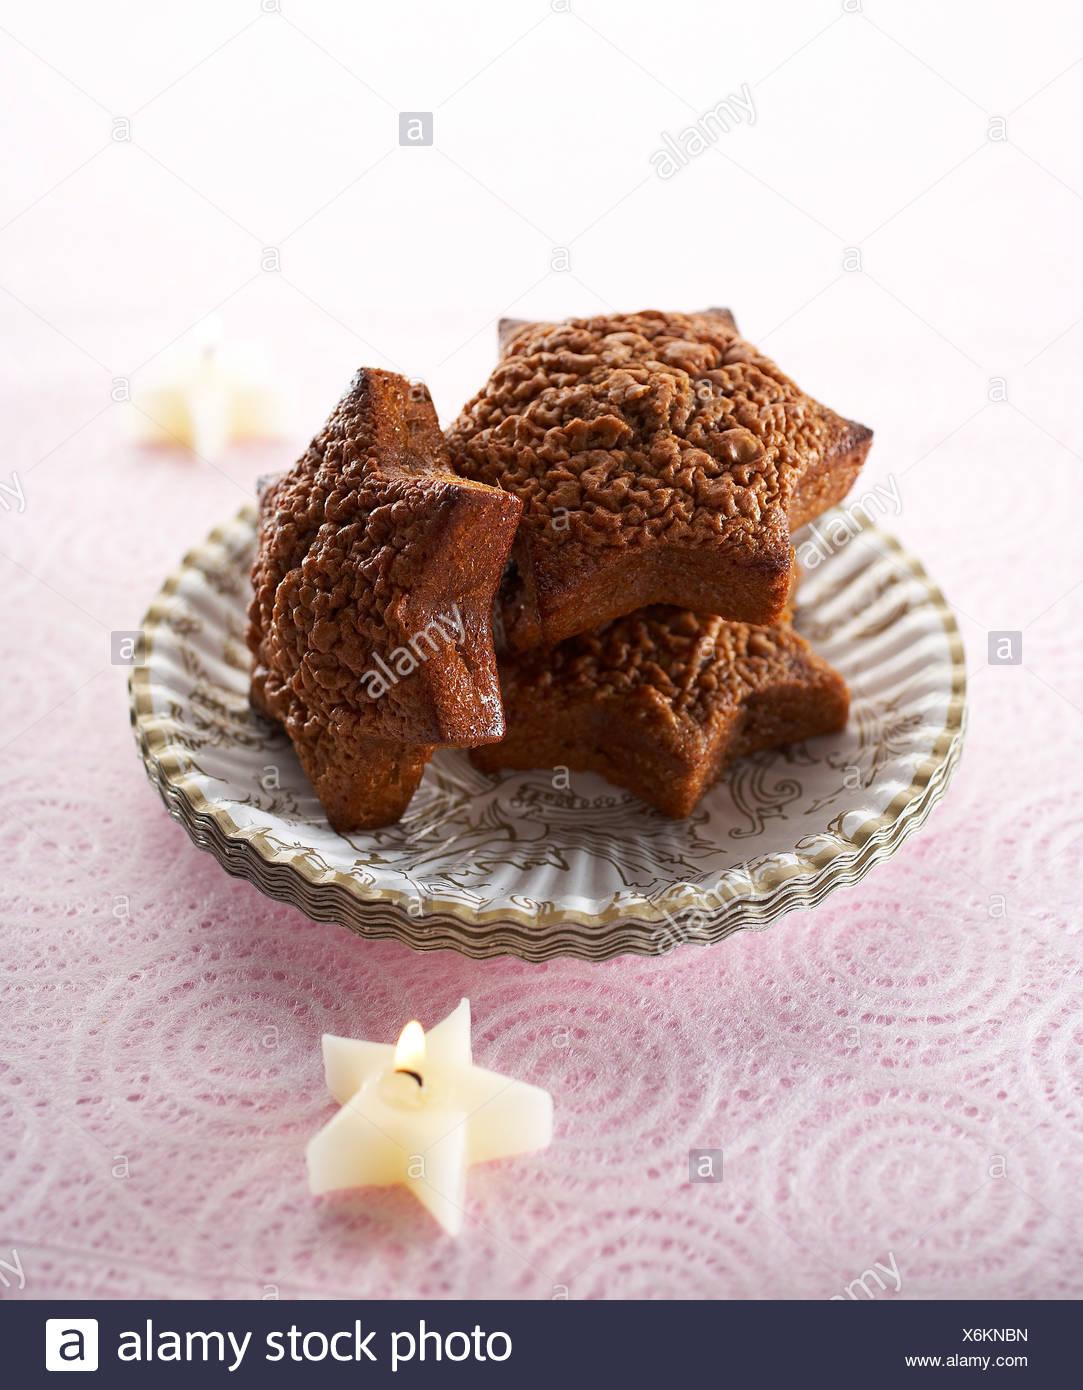 Star-shaped chocolate and hazelnut cakes - Stock Image